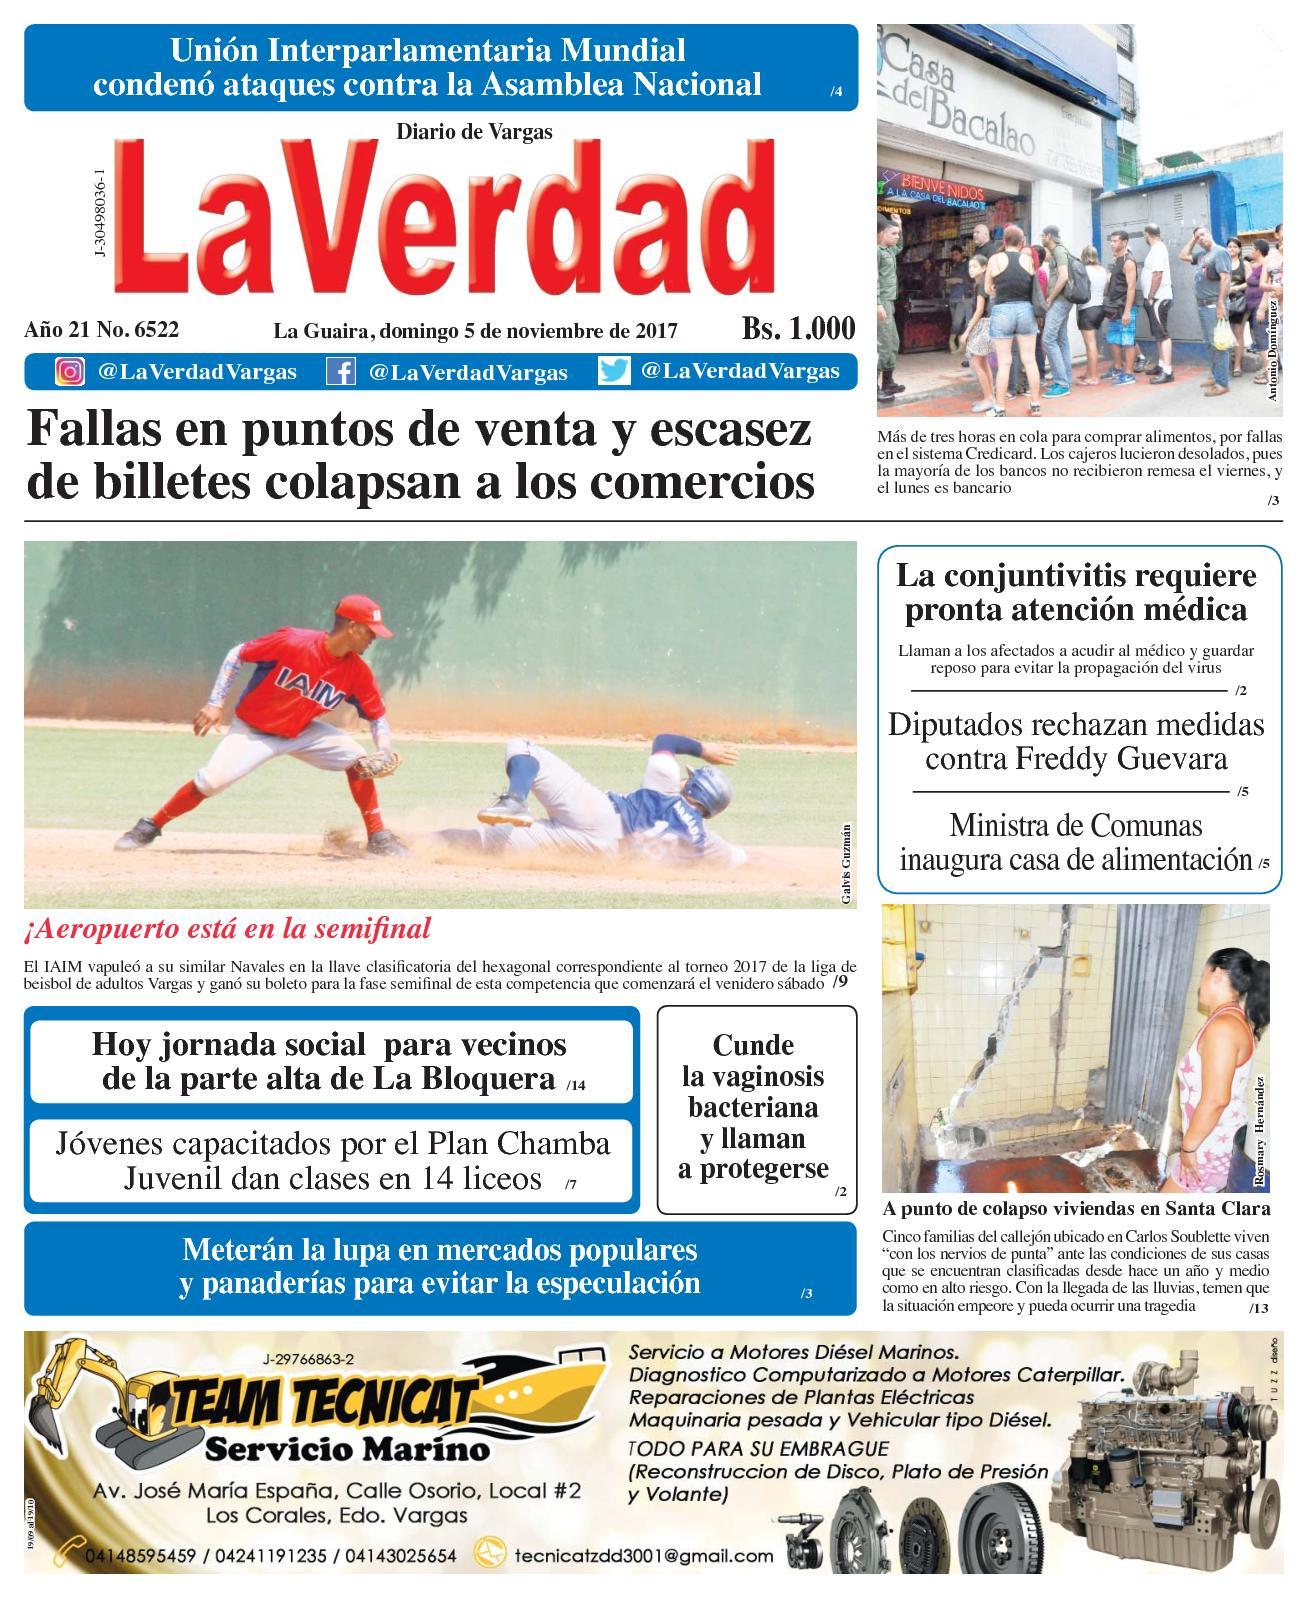 La Guaira, domingo 5 de Noviembre de 2017. Año 20 No. 6522